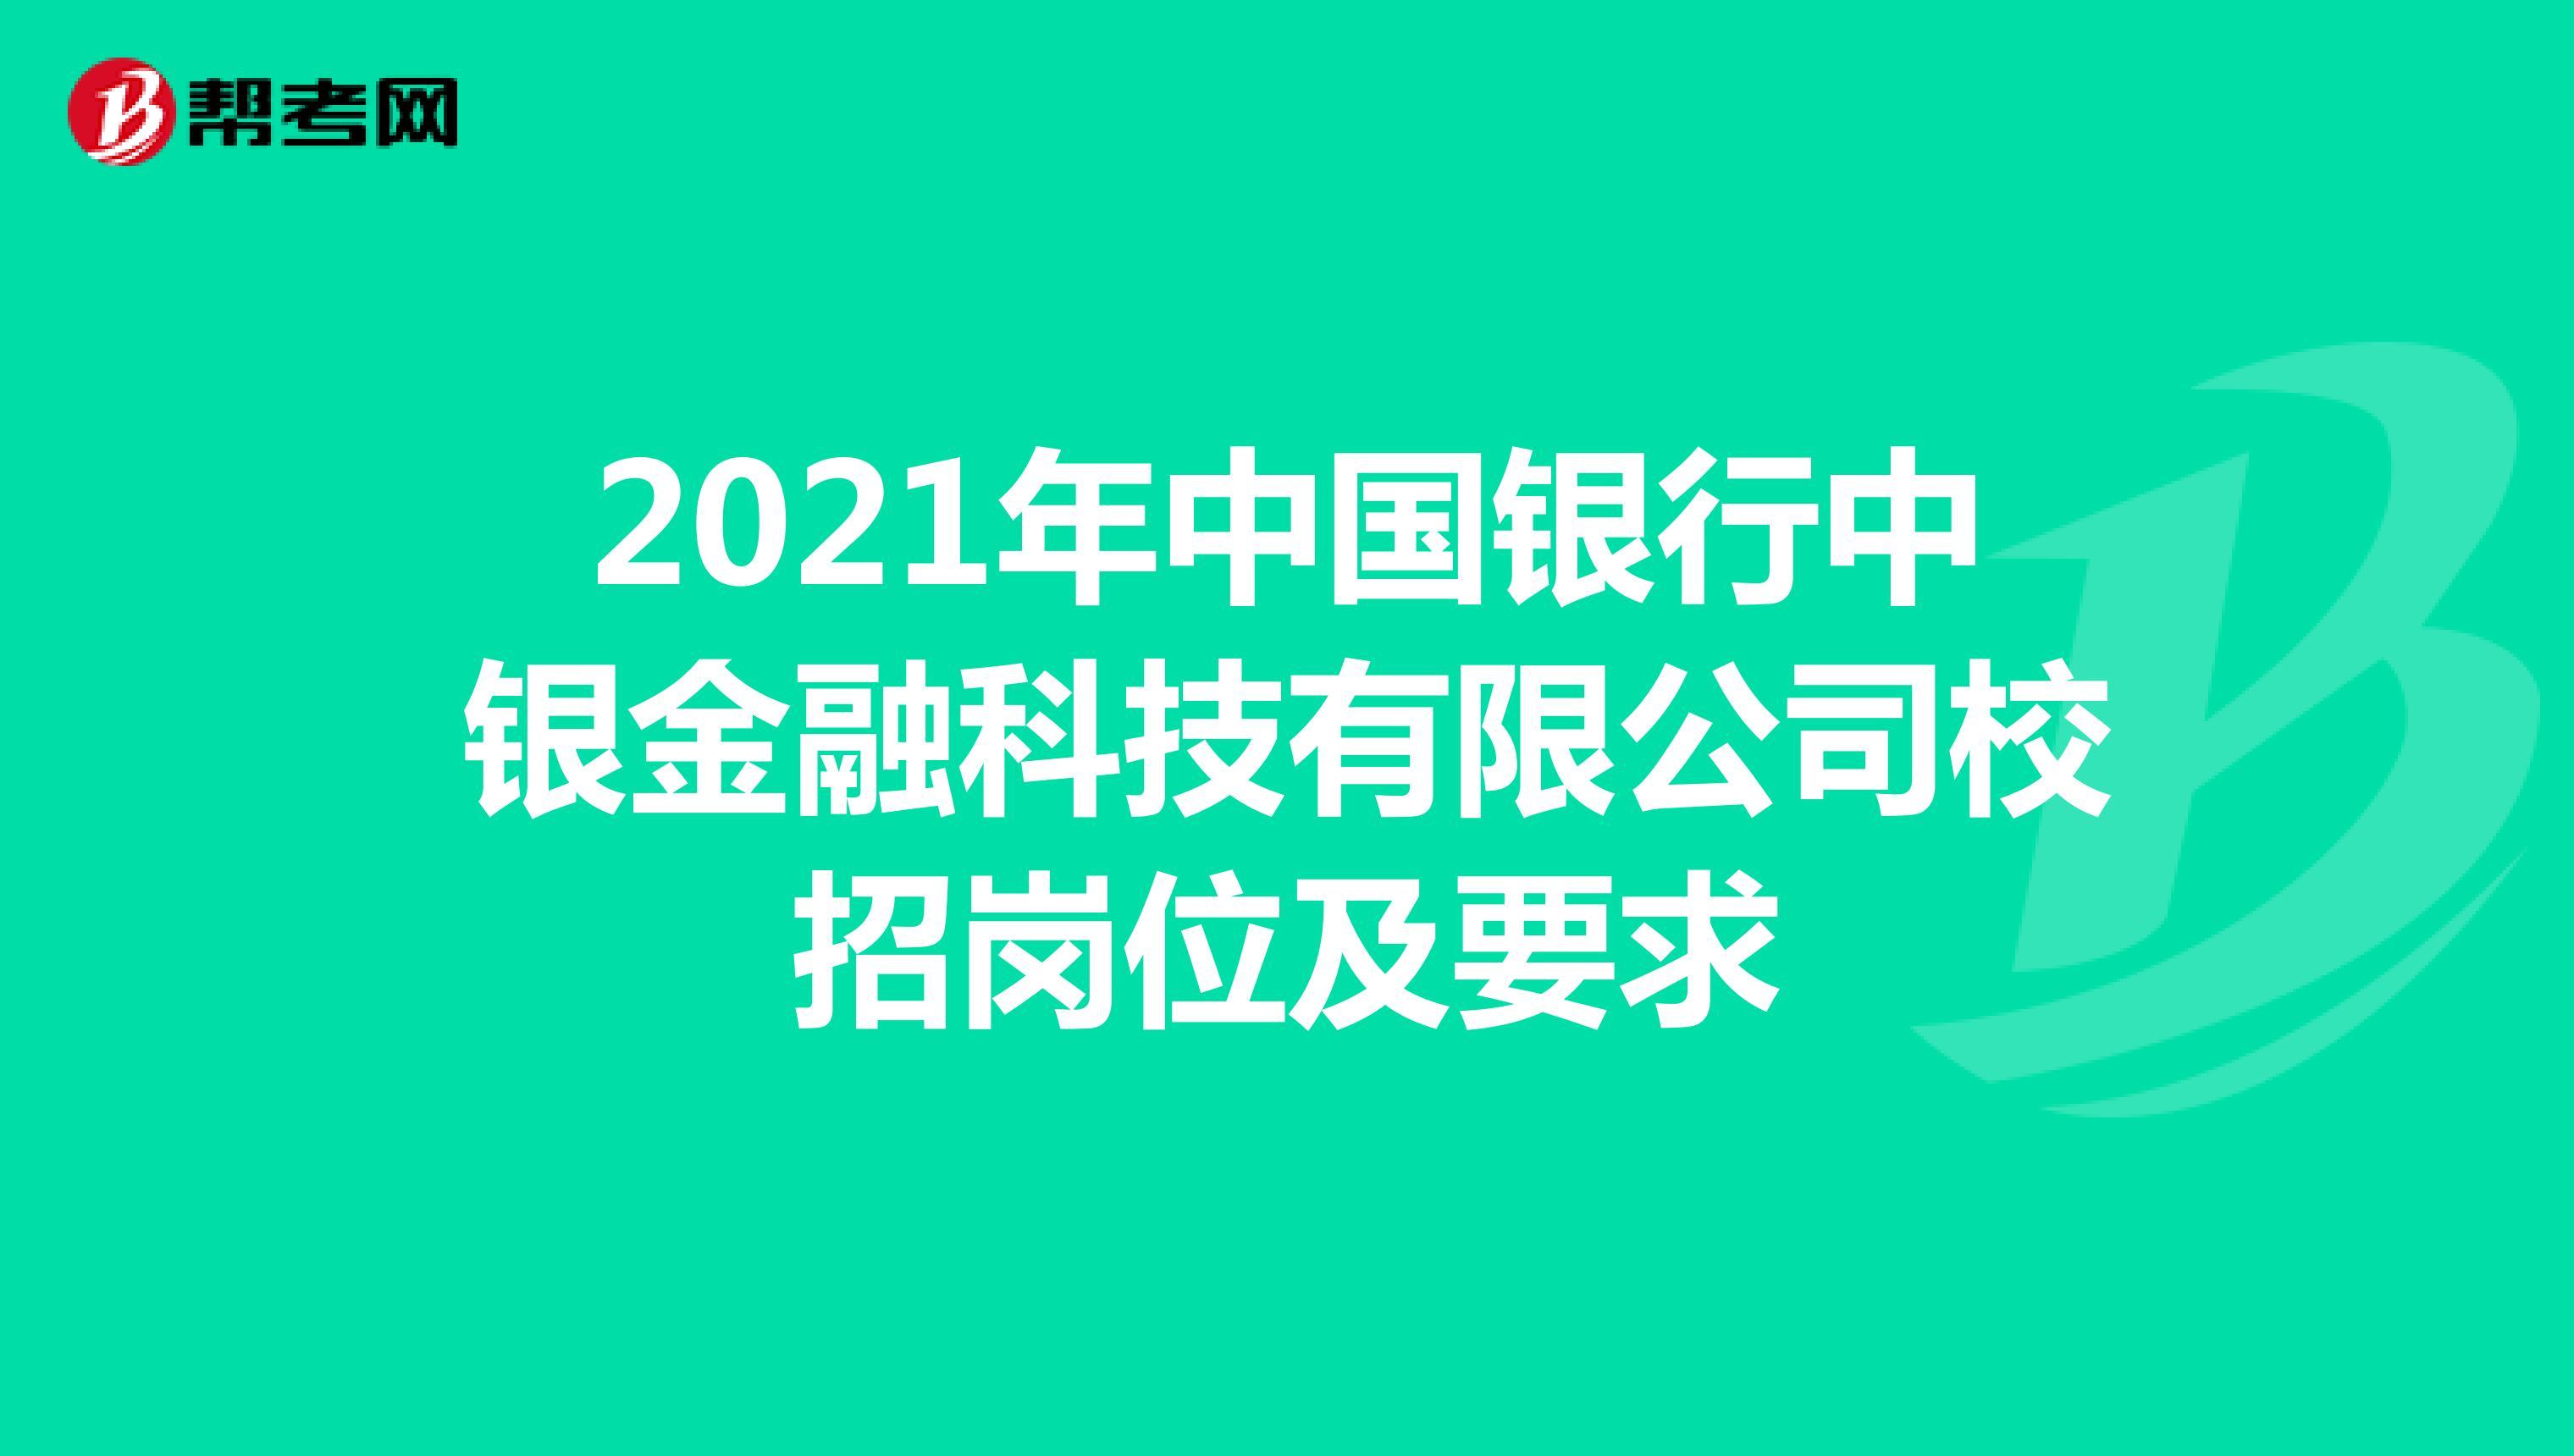 2021年中国银行中银金融科技有限公司校招岗位及要求